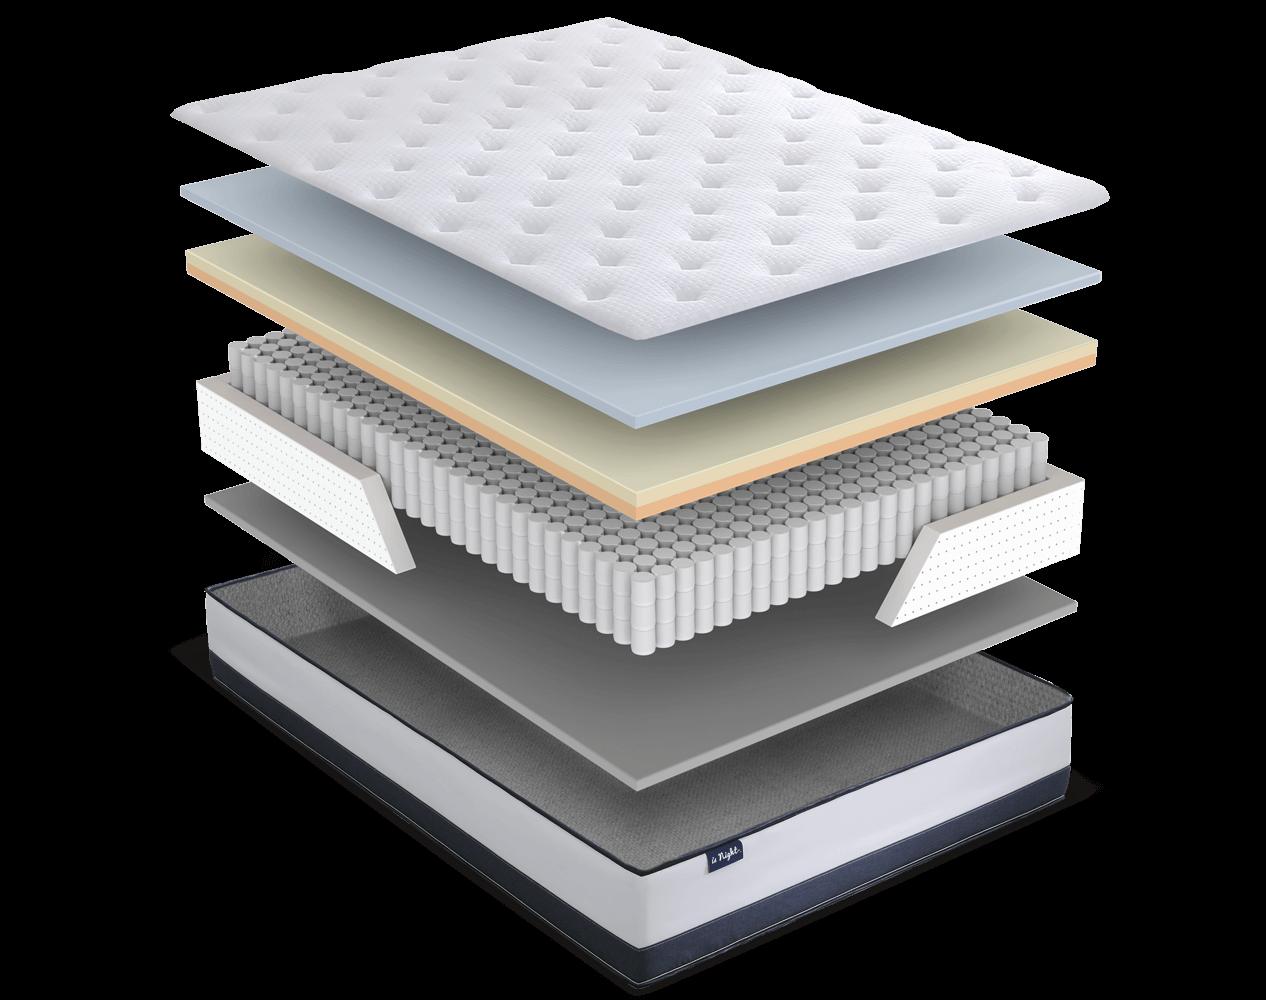 恆溫柔彈獨立筒床墊, 床墊整體結構圖-m